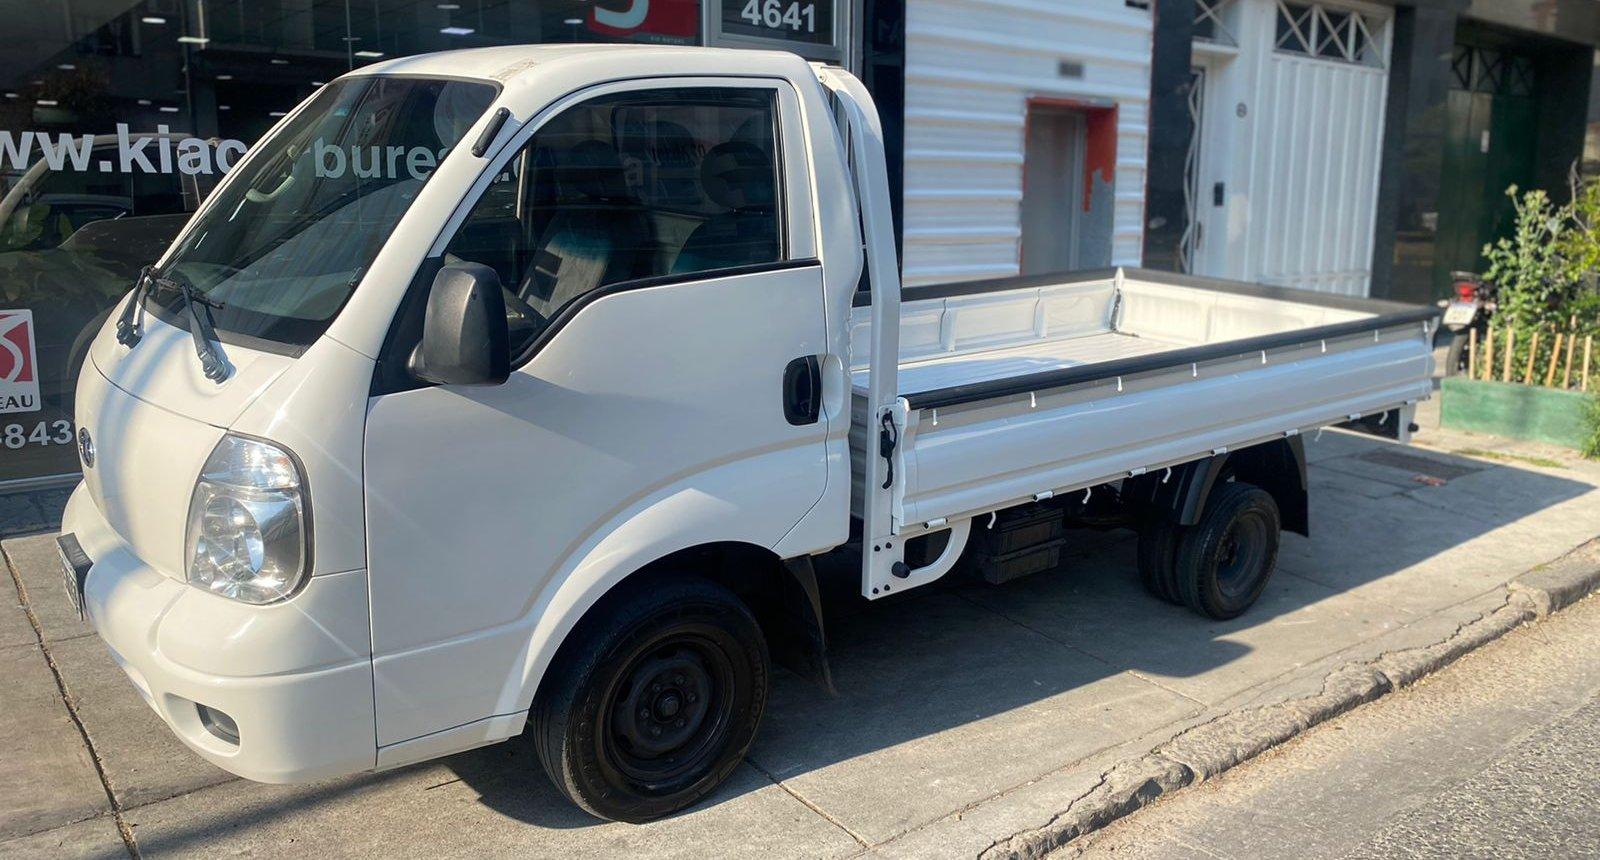 Usados Car Bureau - Kia K2500- 2